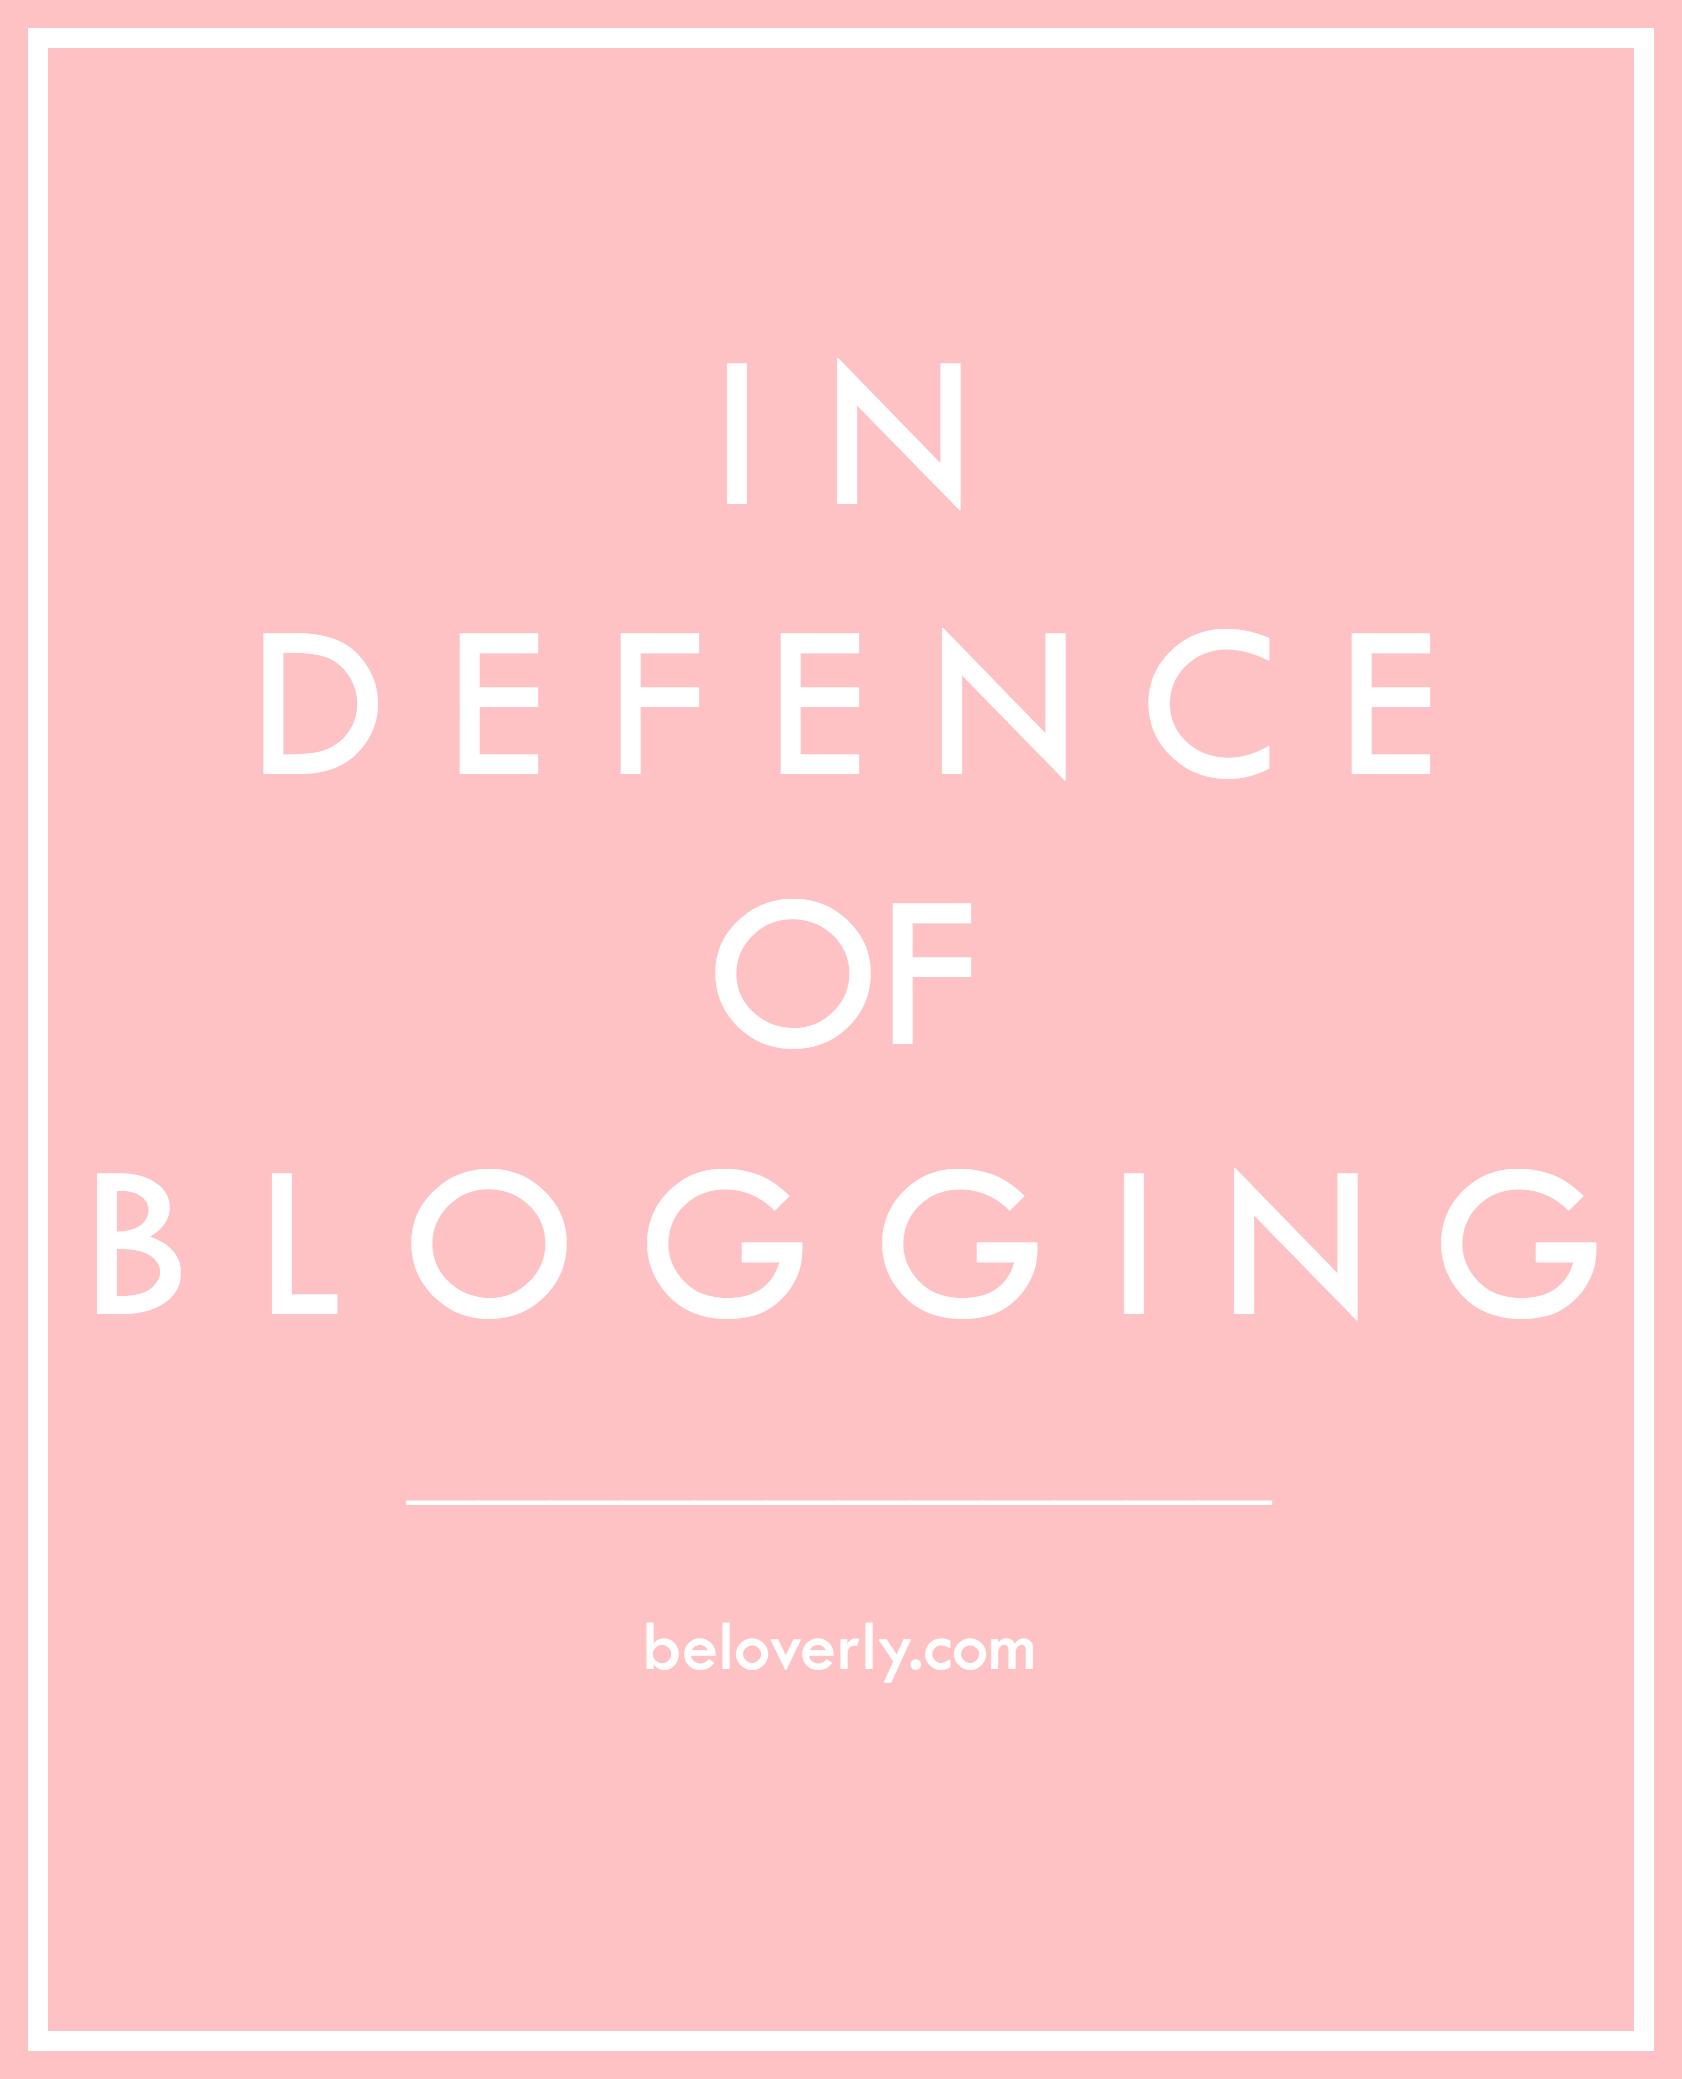 indefenceofblogging